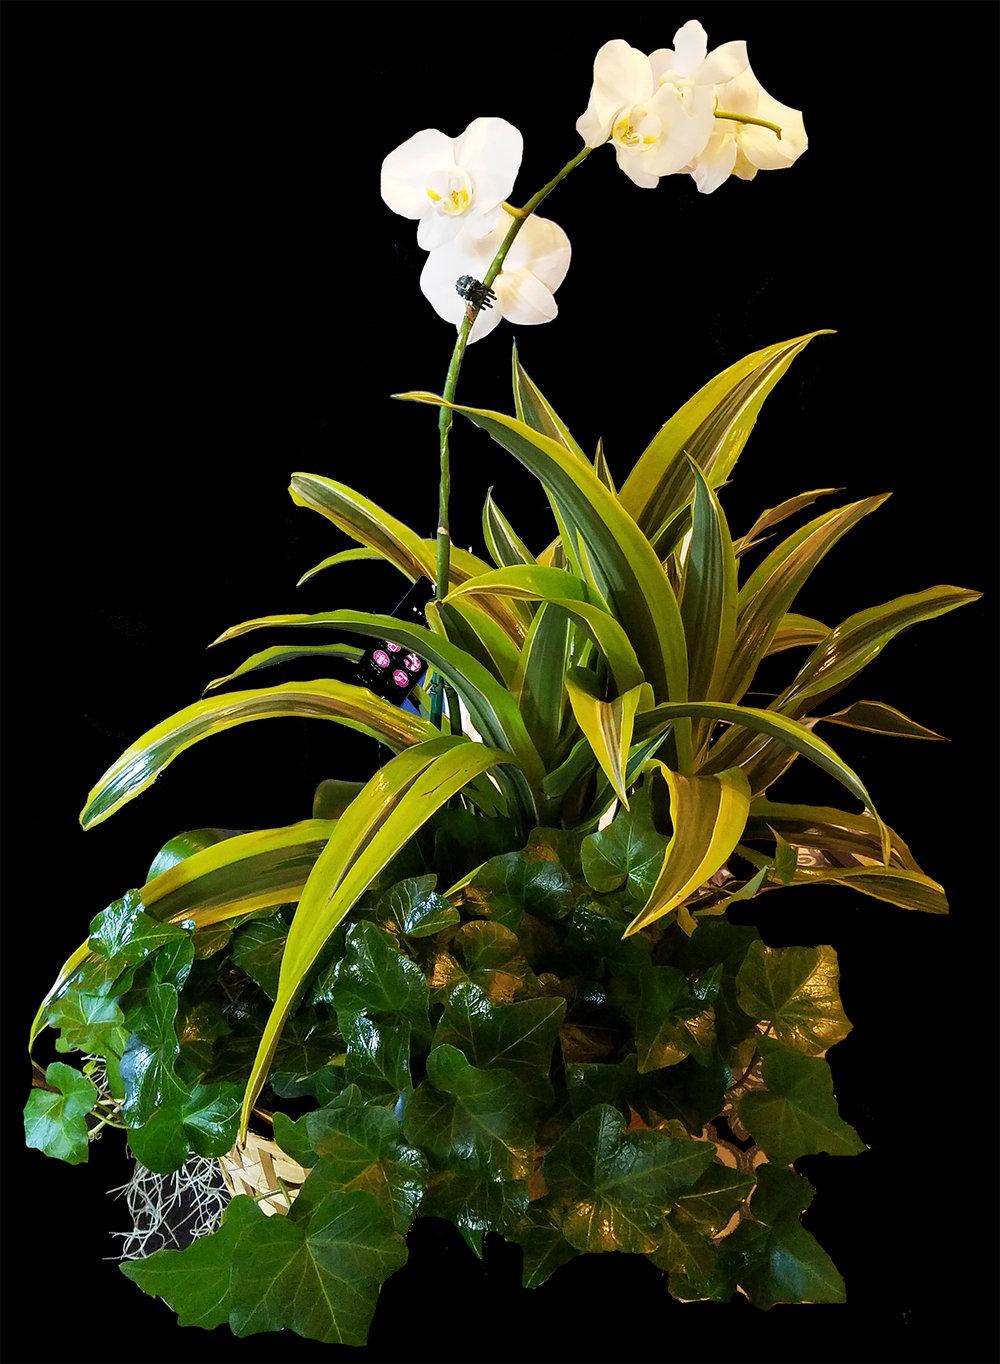 plantwhiteflower.jpg